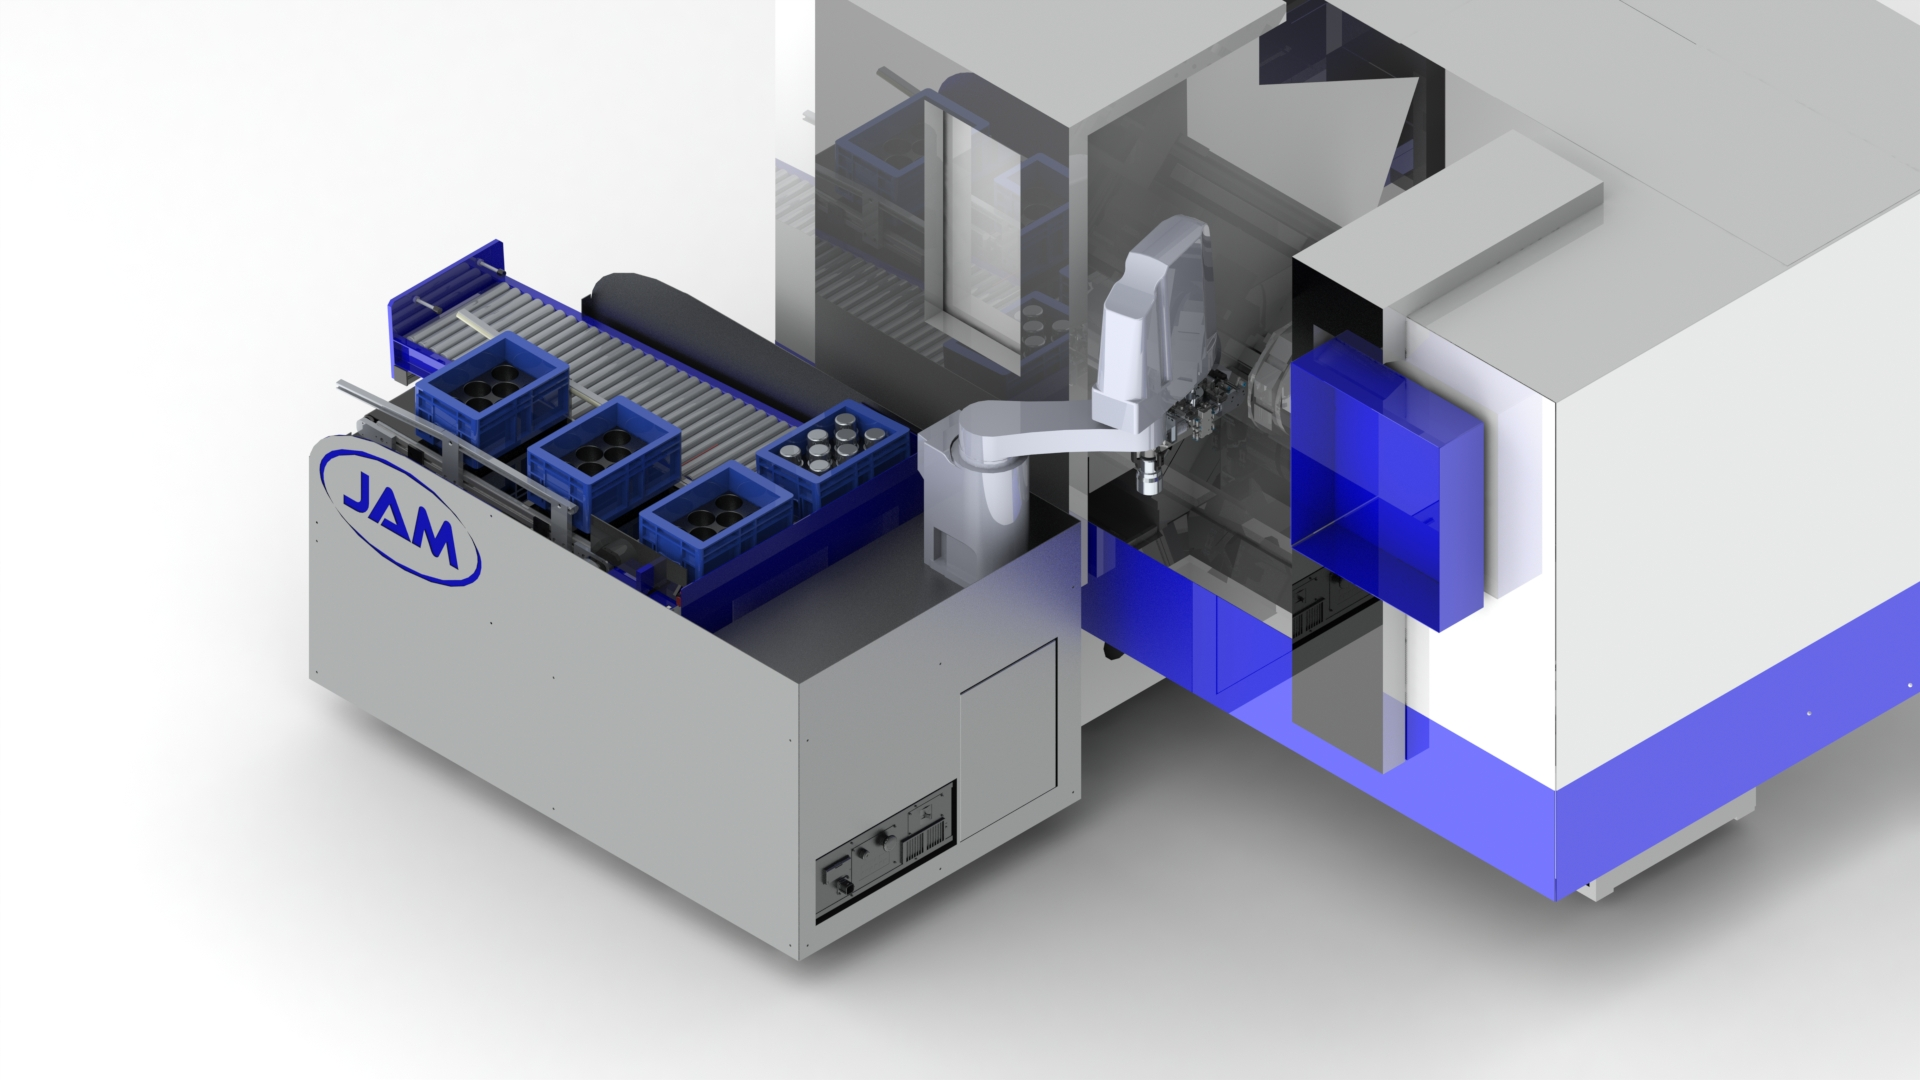 Kooperation zwischen JAM automation und Knuth Werkzeugmaschinen